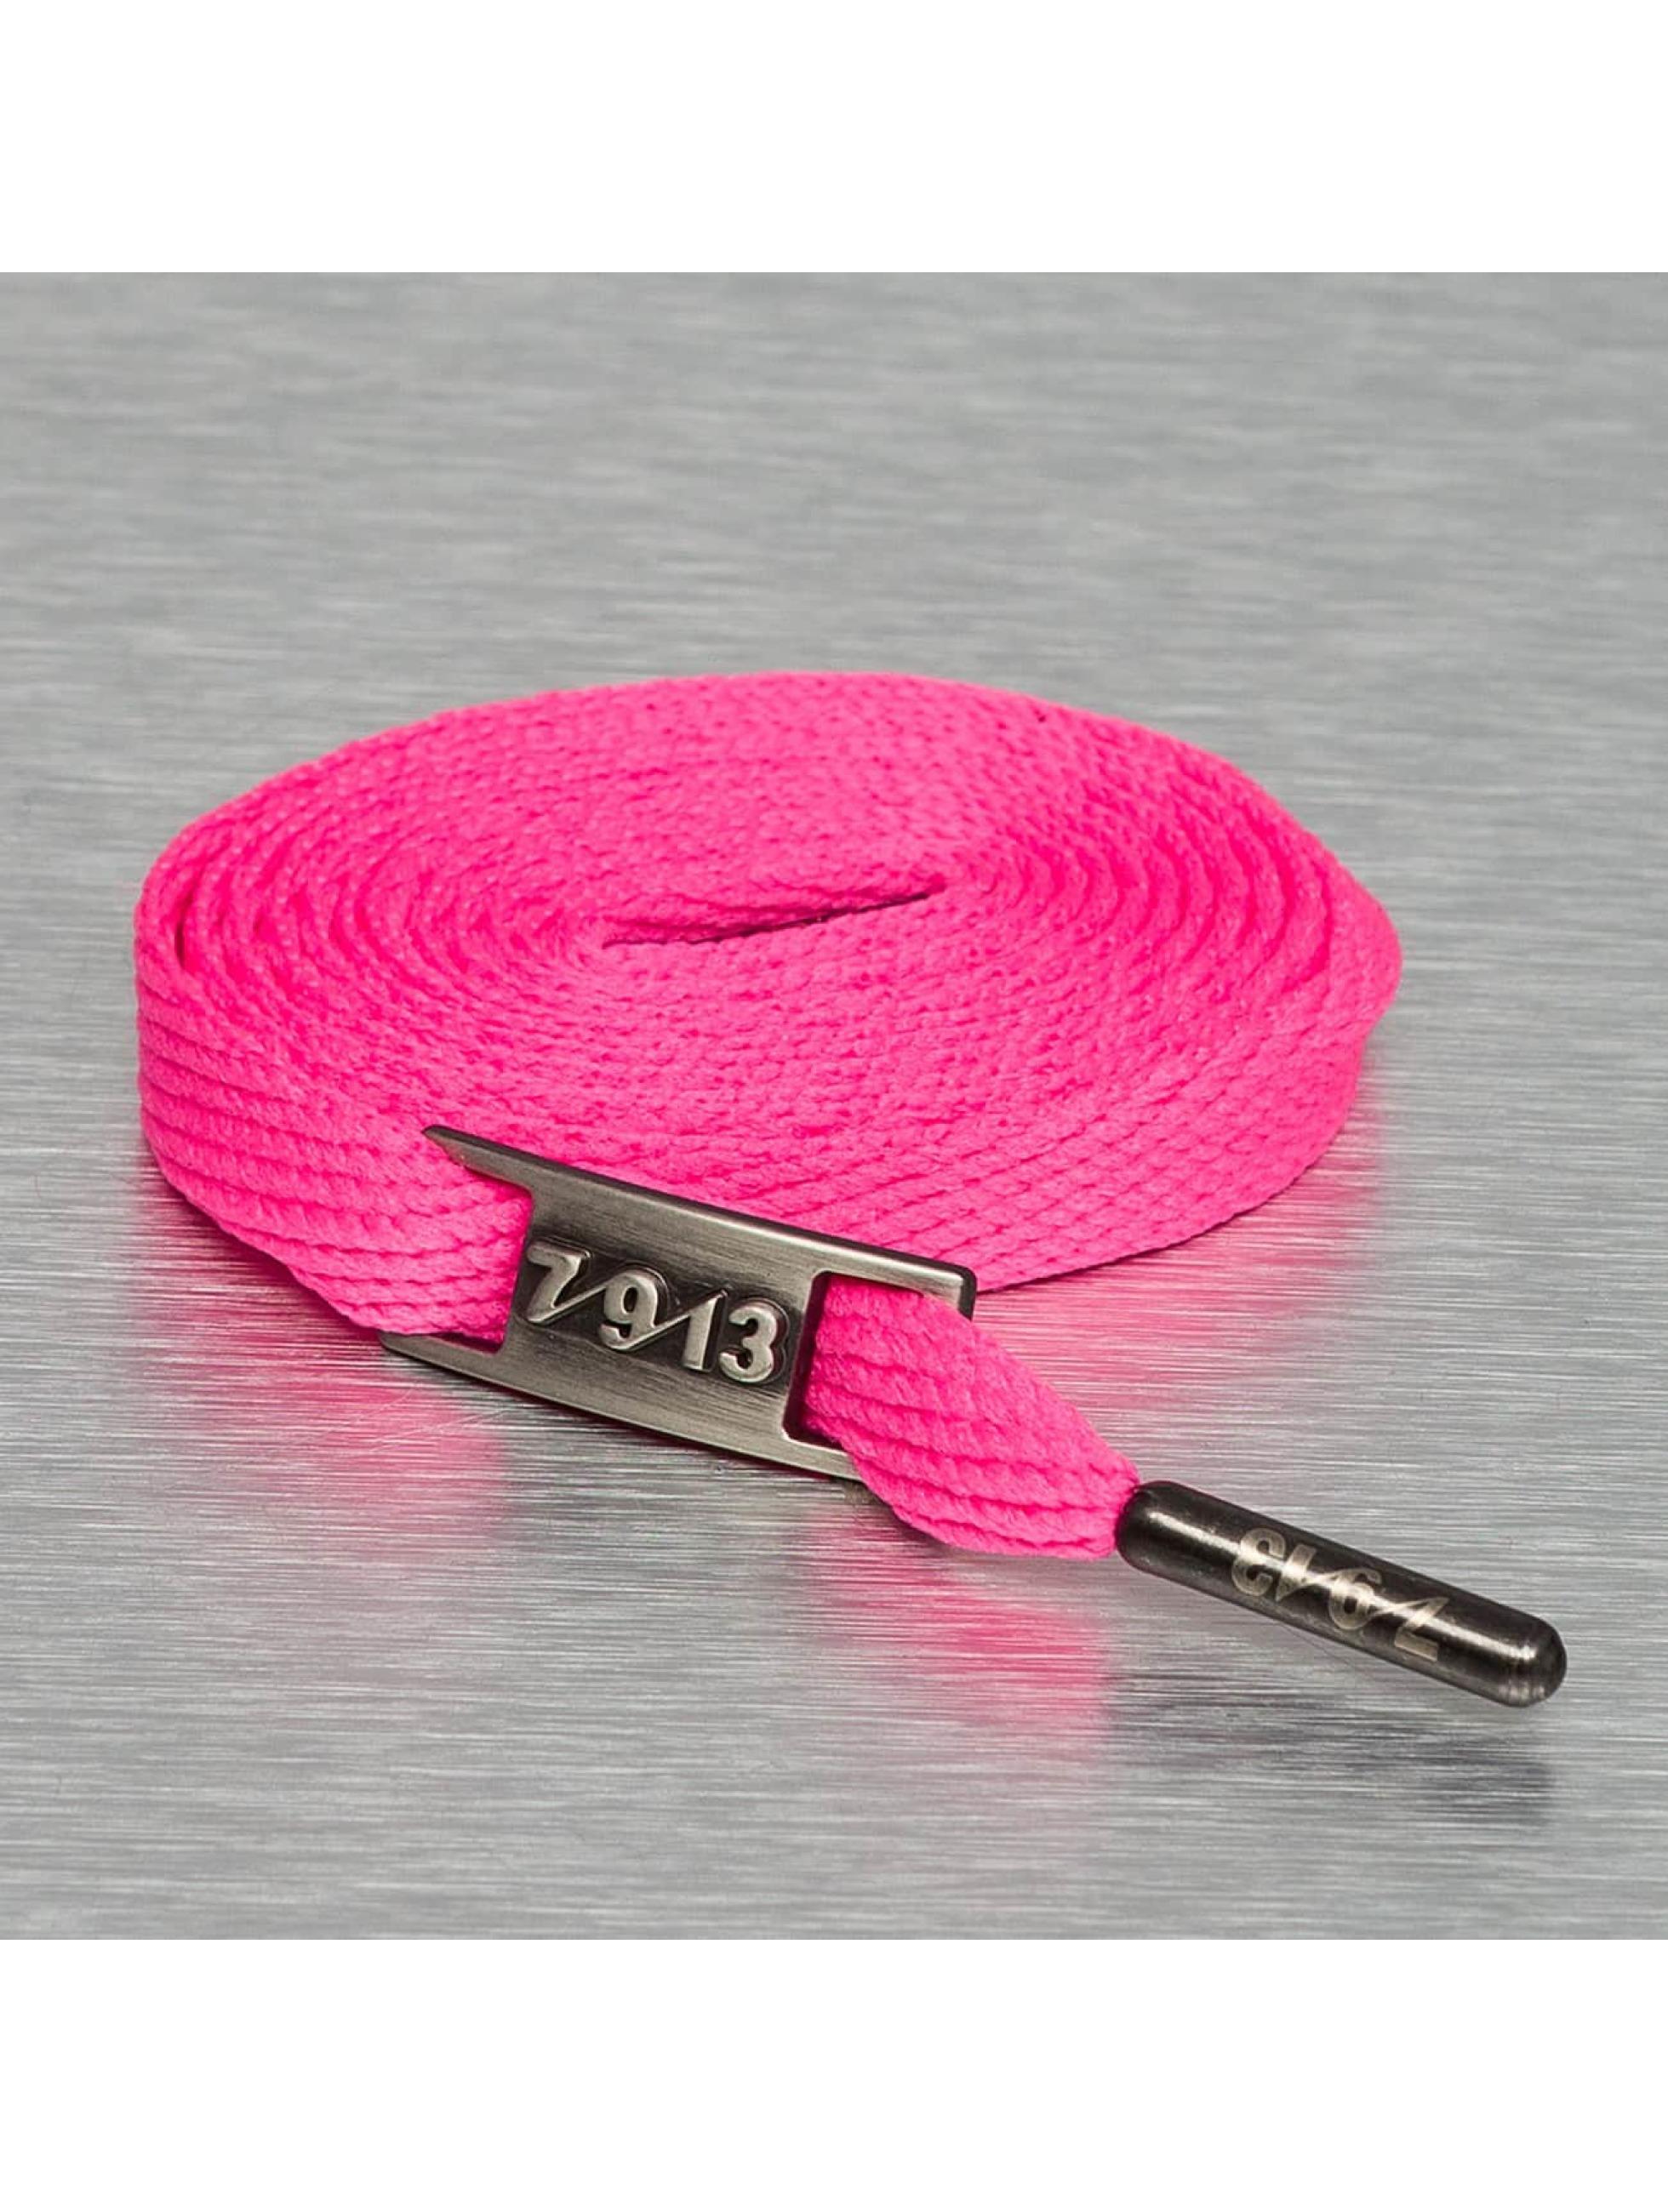 Seven Nine 13 Männer,Frauen Schuhzubehör Full Metal in pink